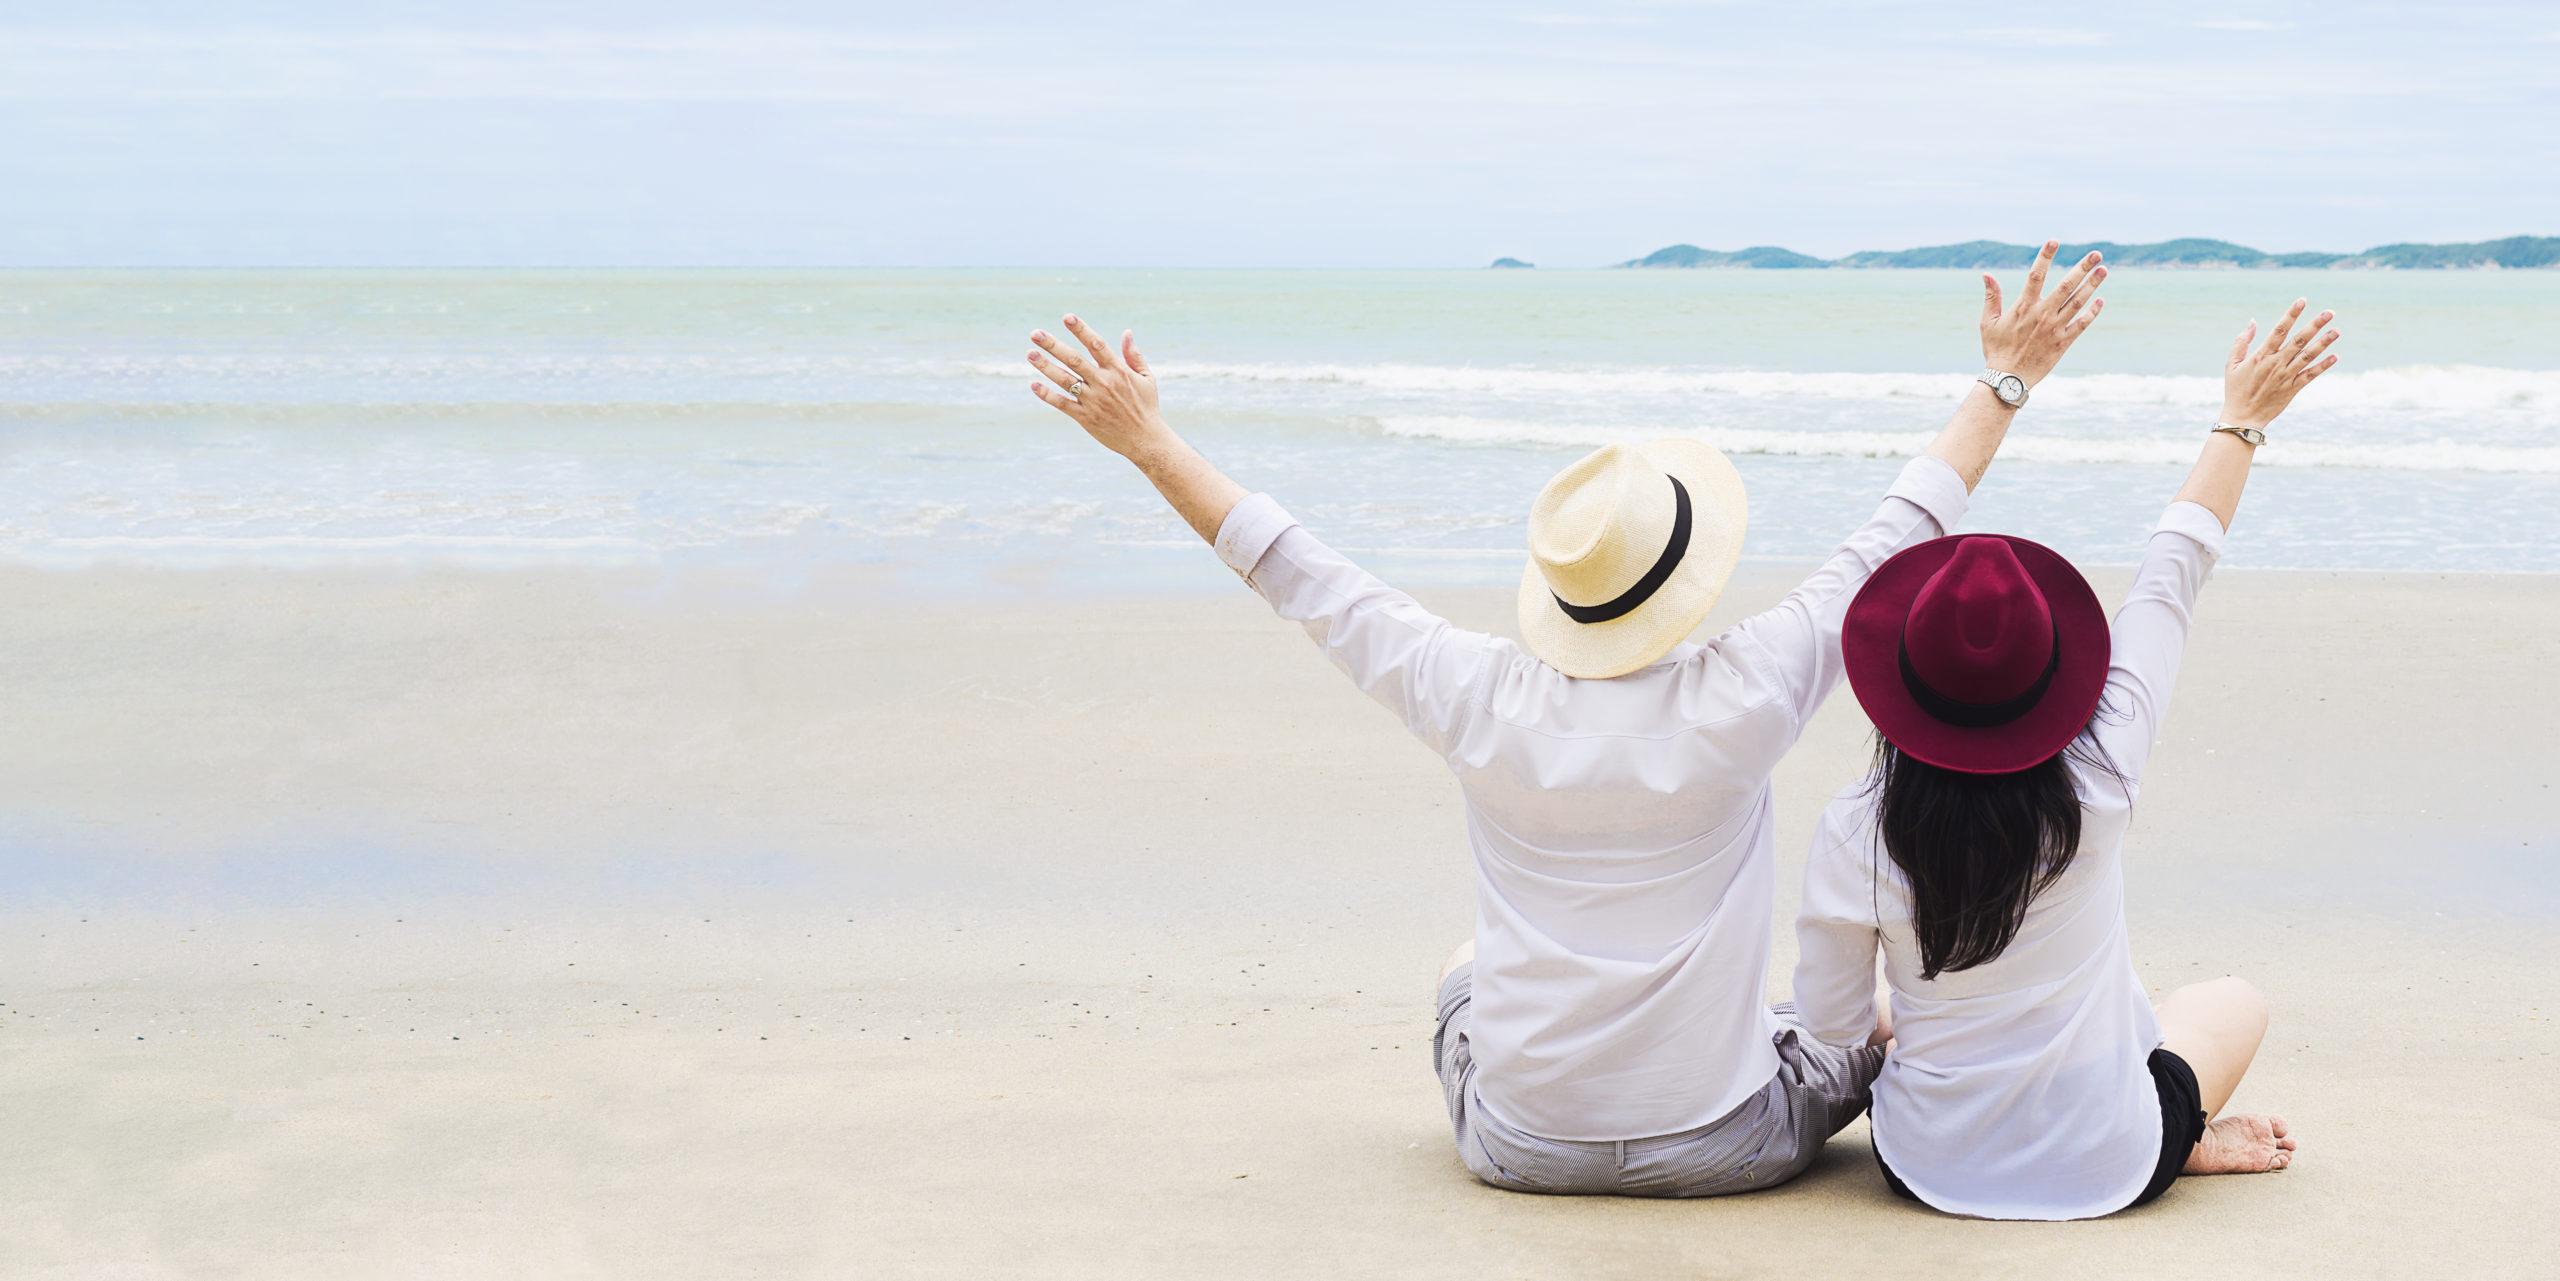 เตรียมเปิดให้นักท่องเที่ยวต่างชาติเข้าประเทศไทย